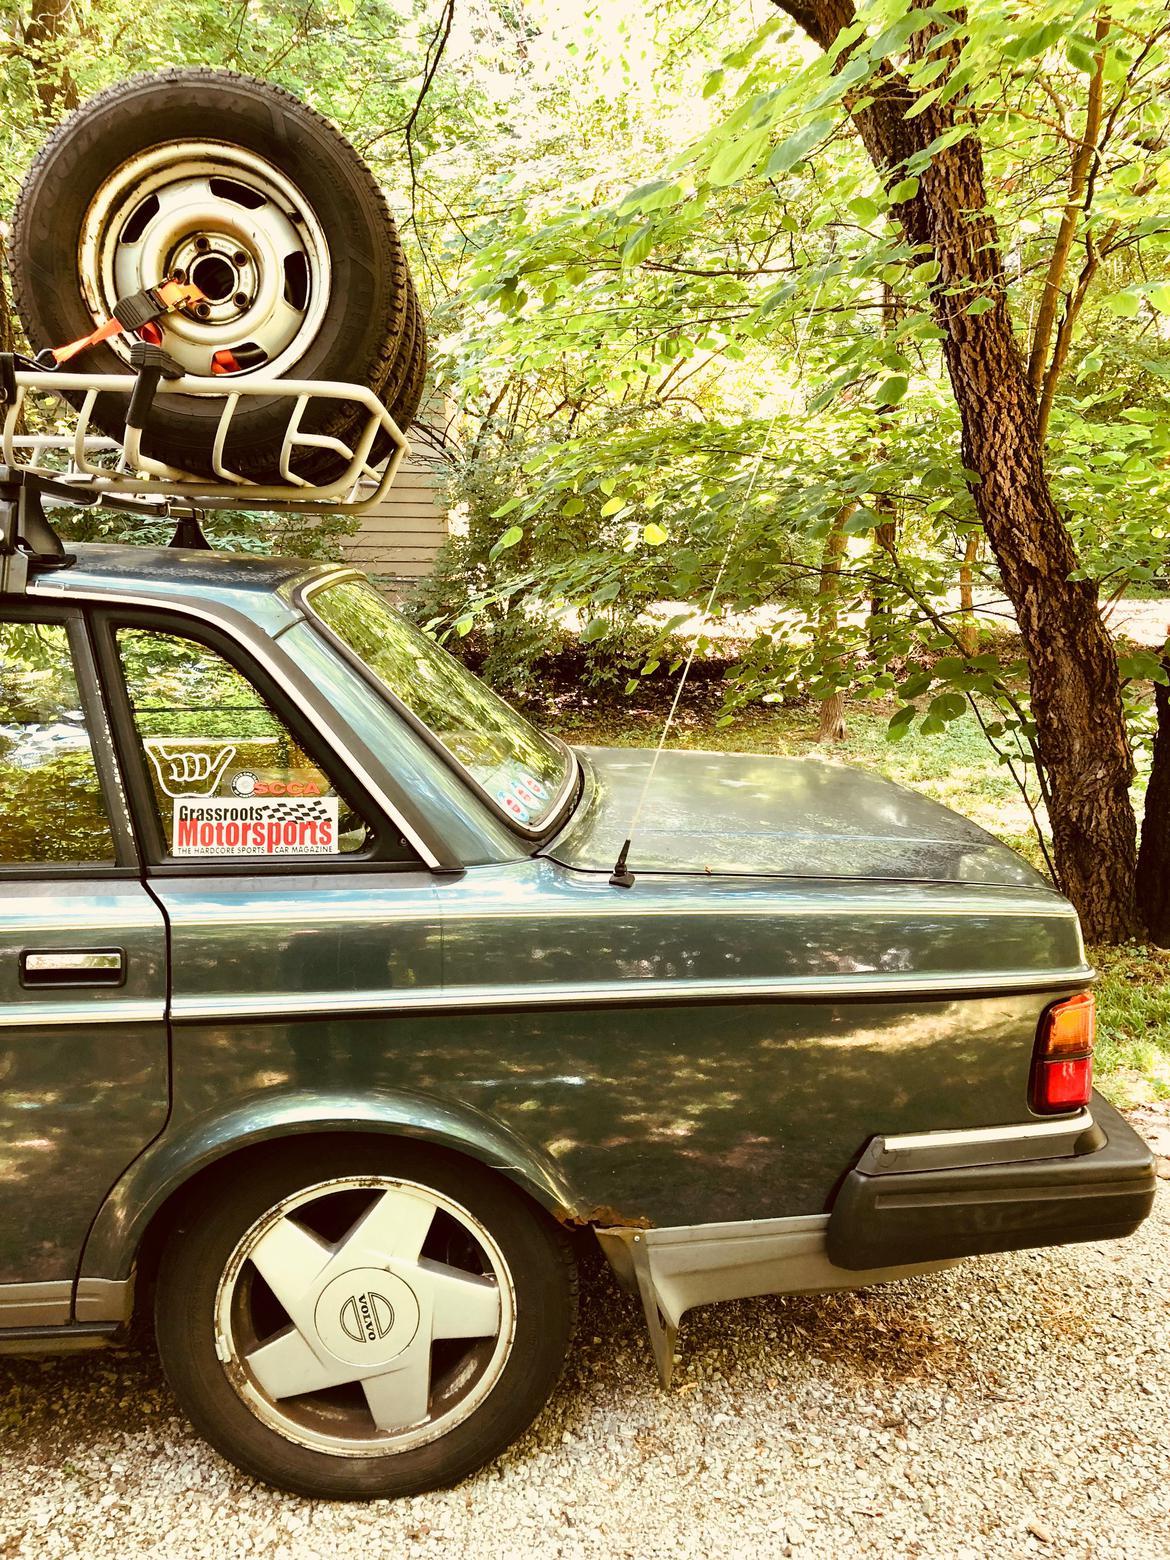 Volvo 240  Turbo  Manual  Rallycross ready  Mine, totally